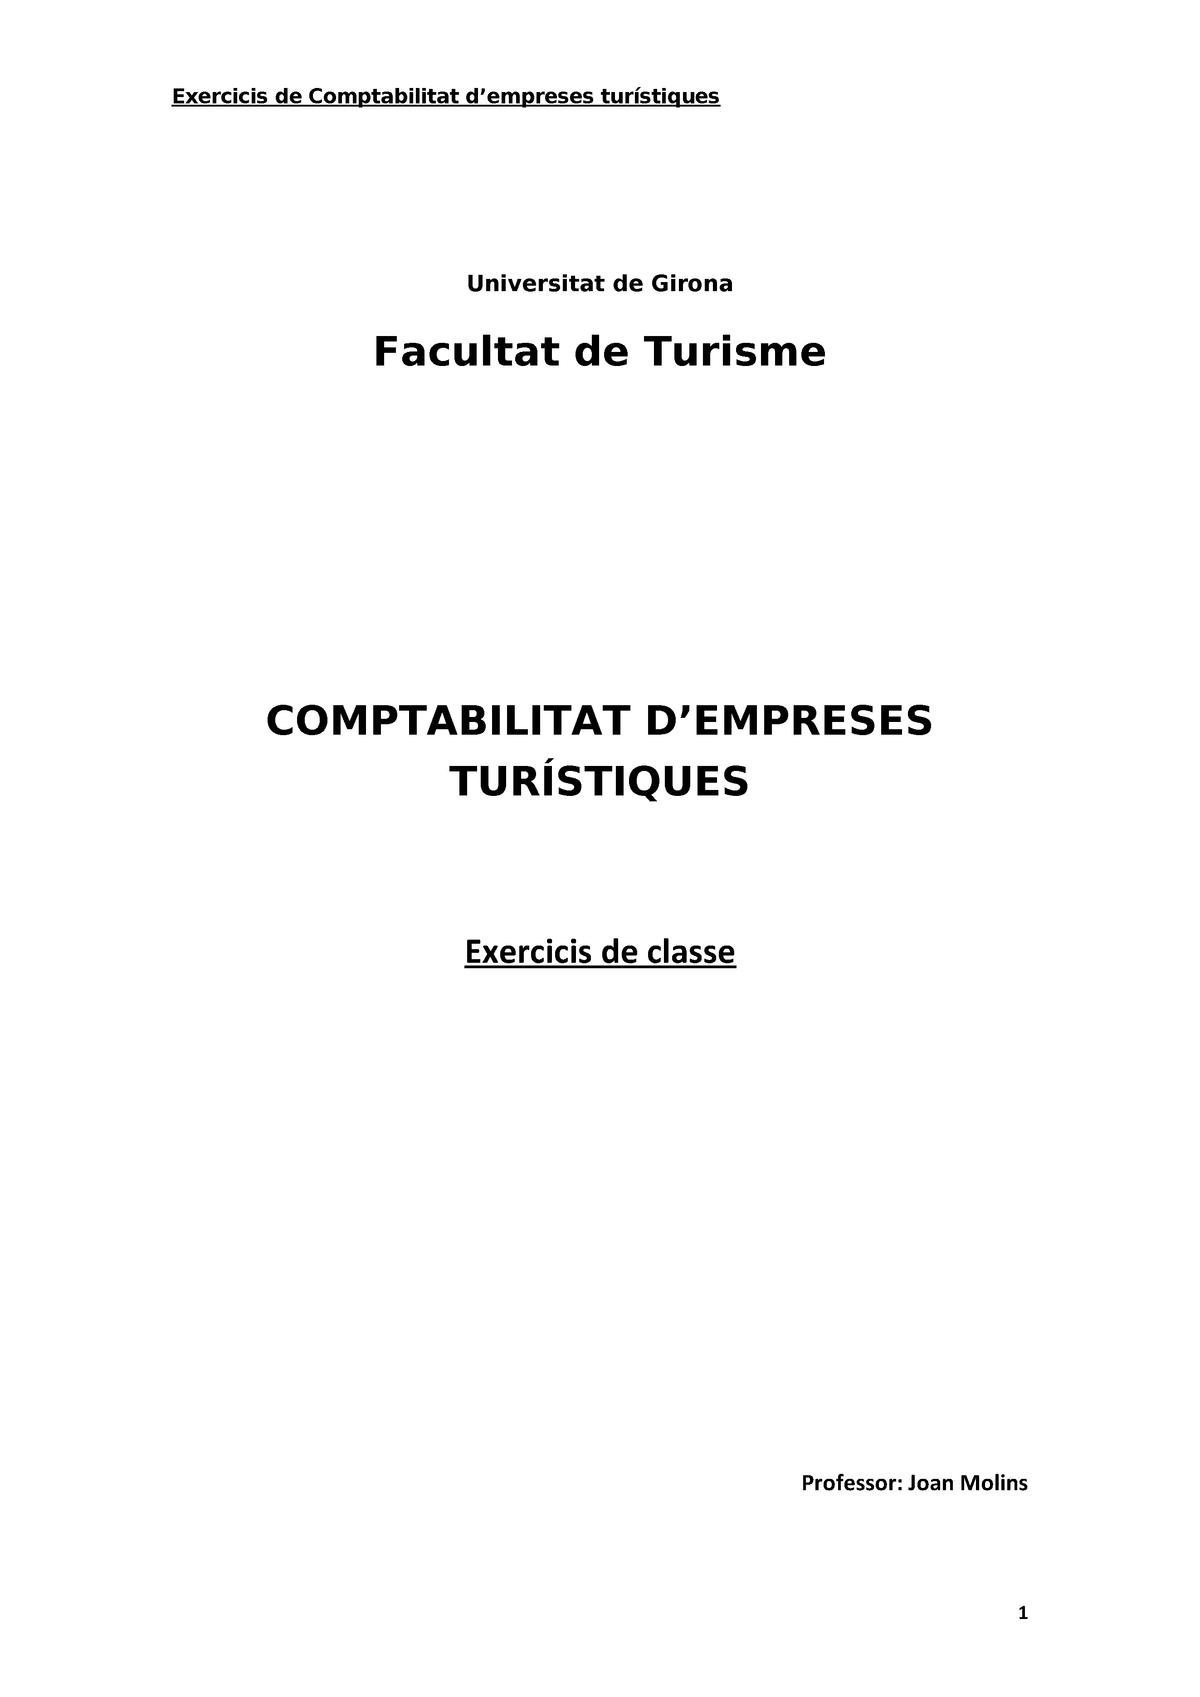 Comptabilitat Turisme Solucio Exercicis Practica 1234567